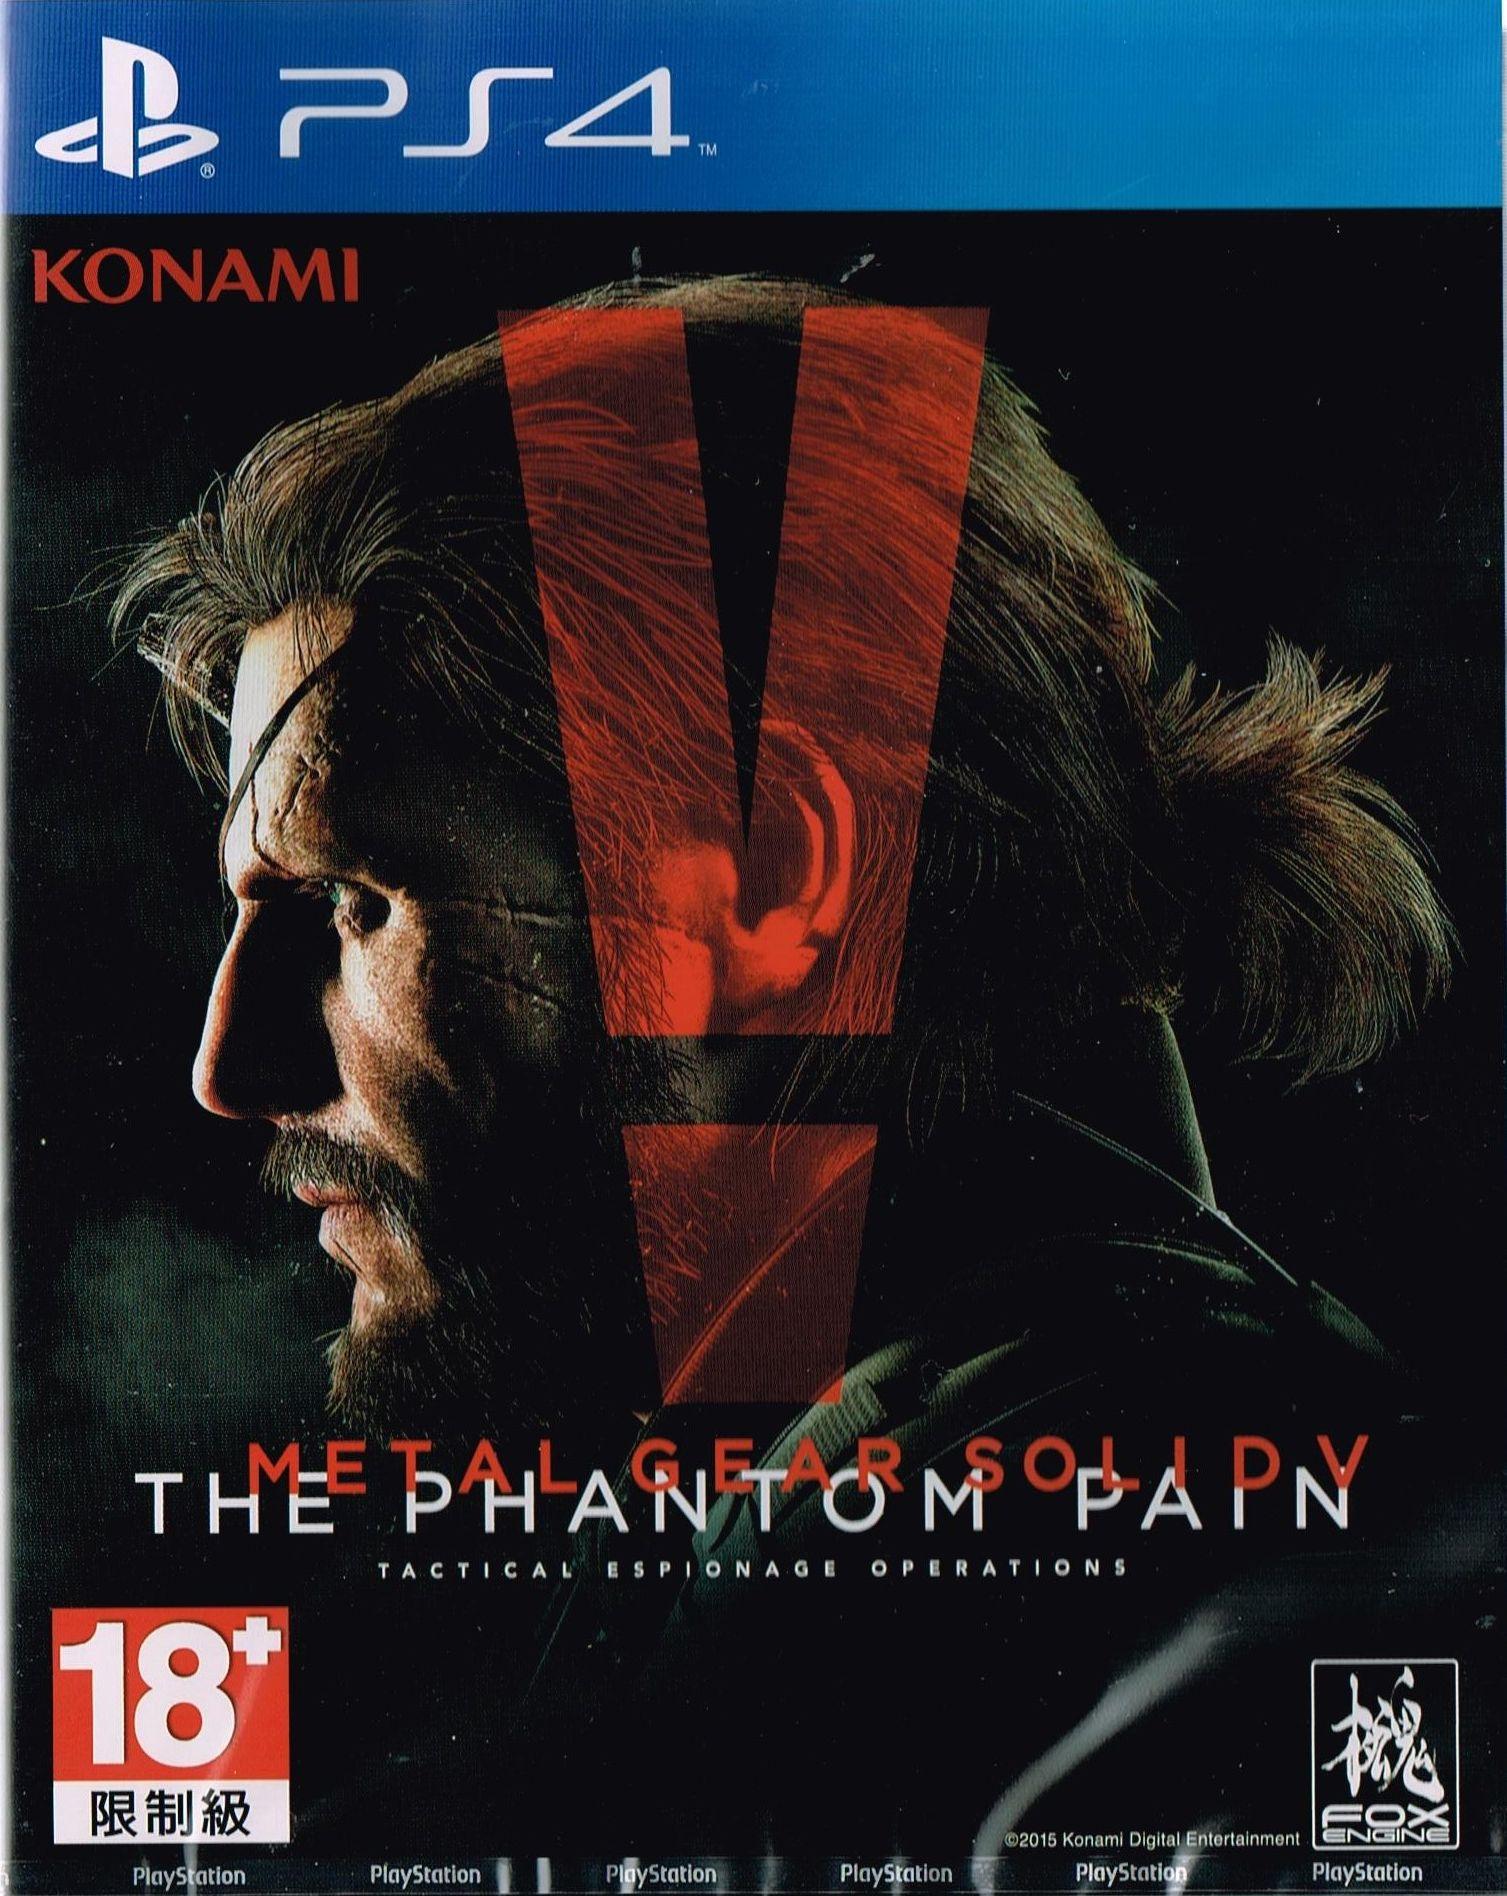 現貨供應中 亞洲中文版 含特典下載卡 [限制級] PS4 潛龍諜影 5:幻痛